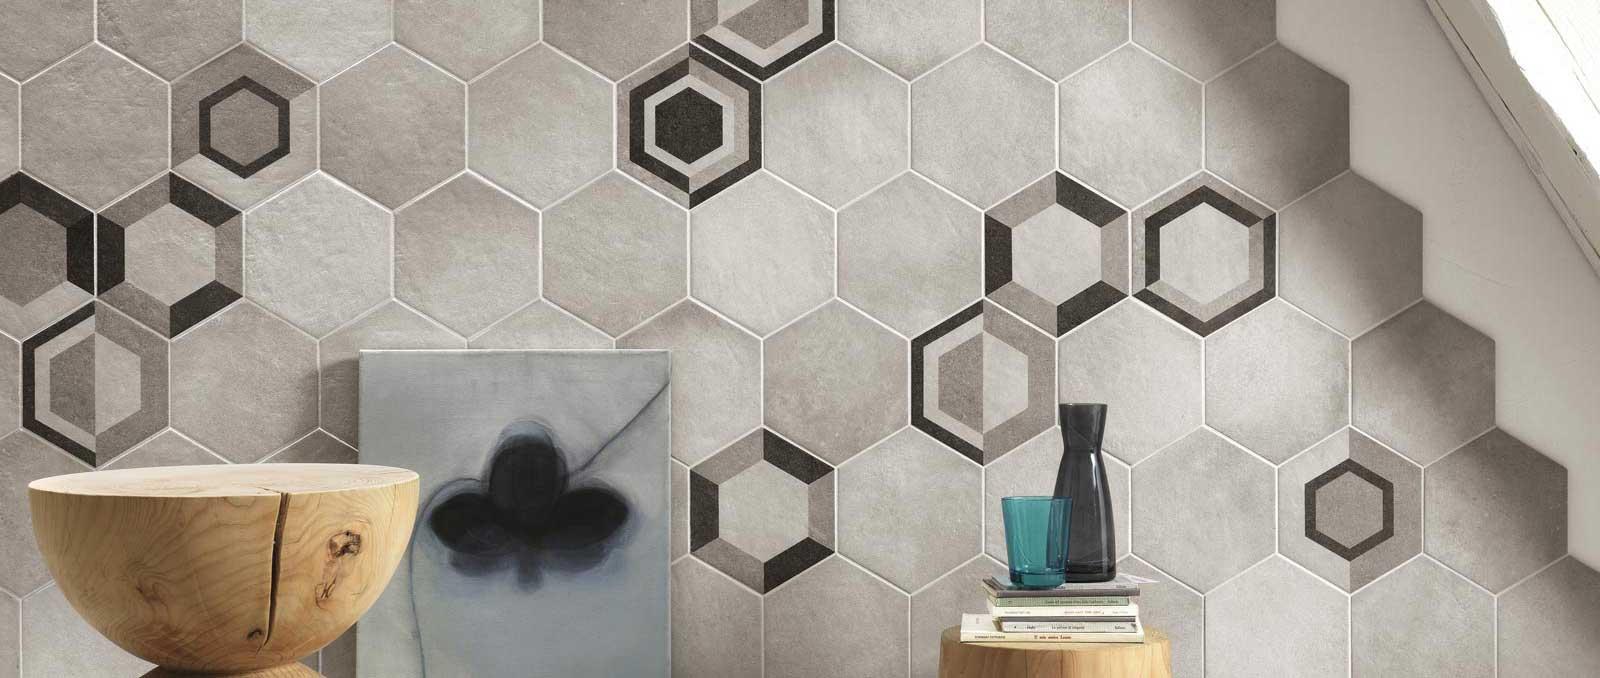 Piastrelle esagonali per decorare casa ragno - Piastrelle esagonali bagno ...